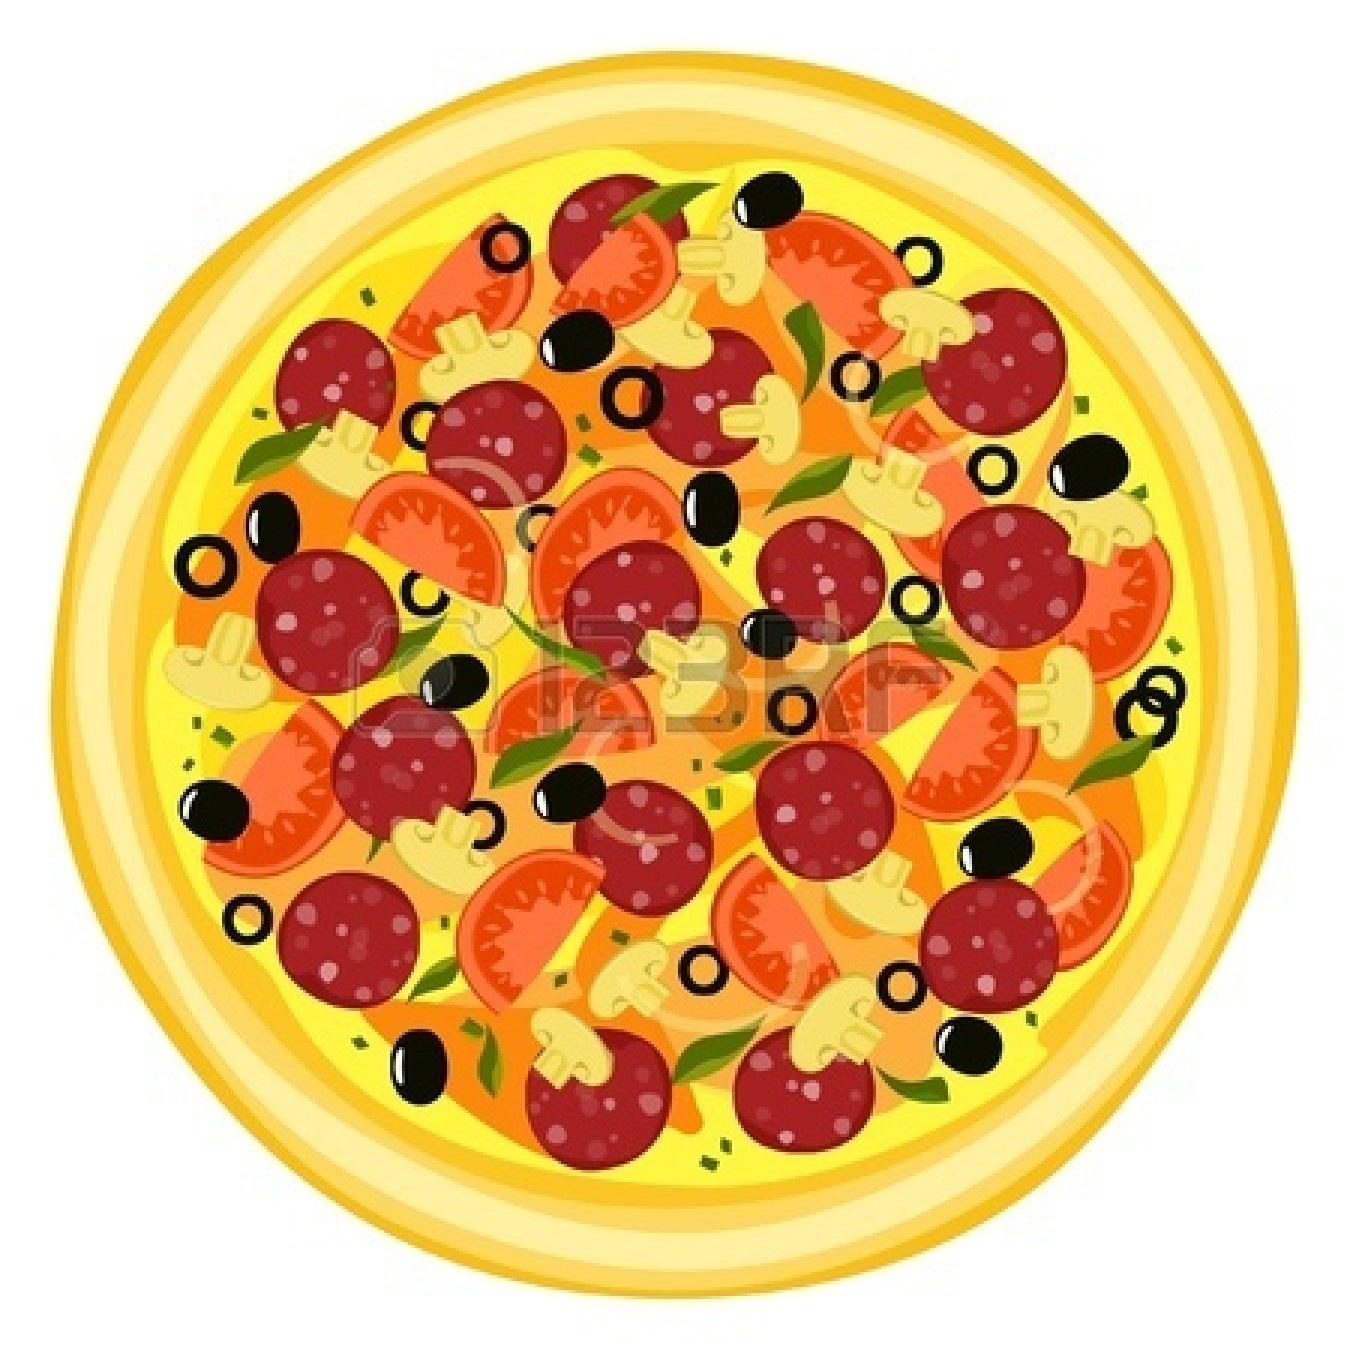 Free pizza clip art